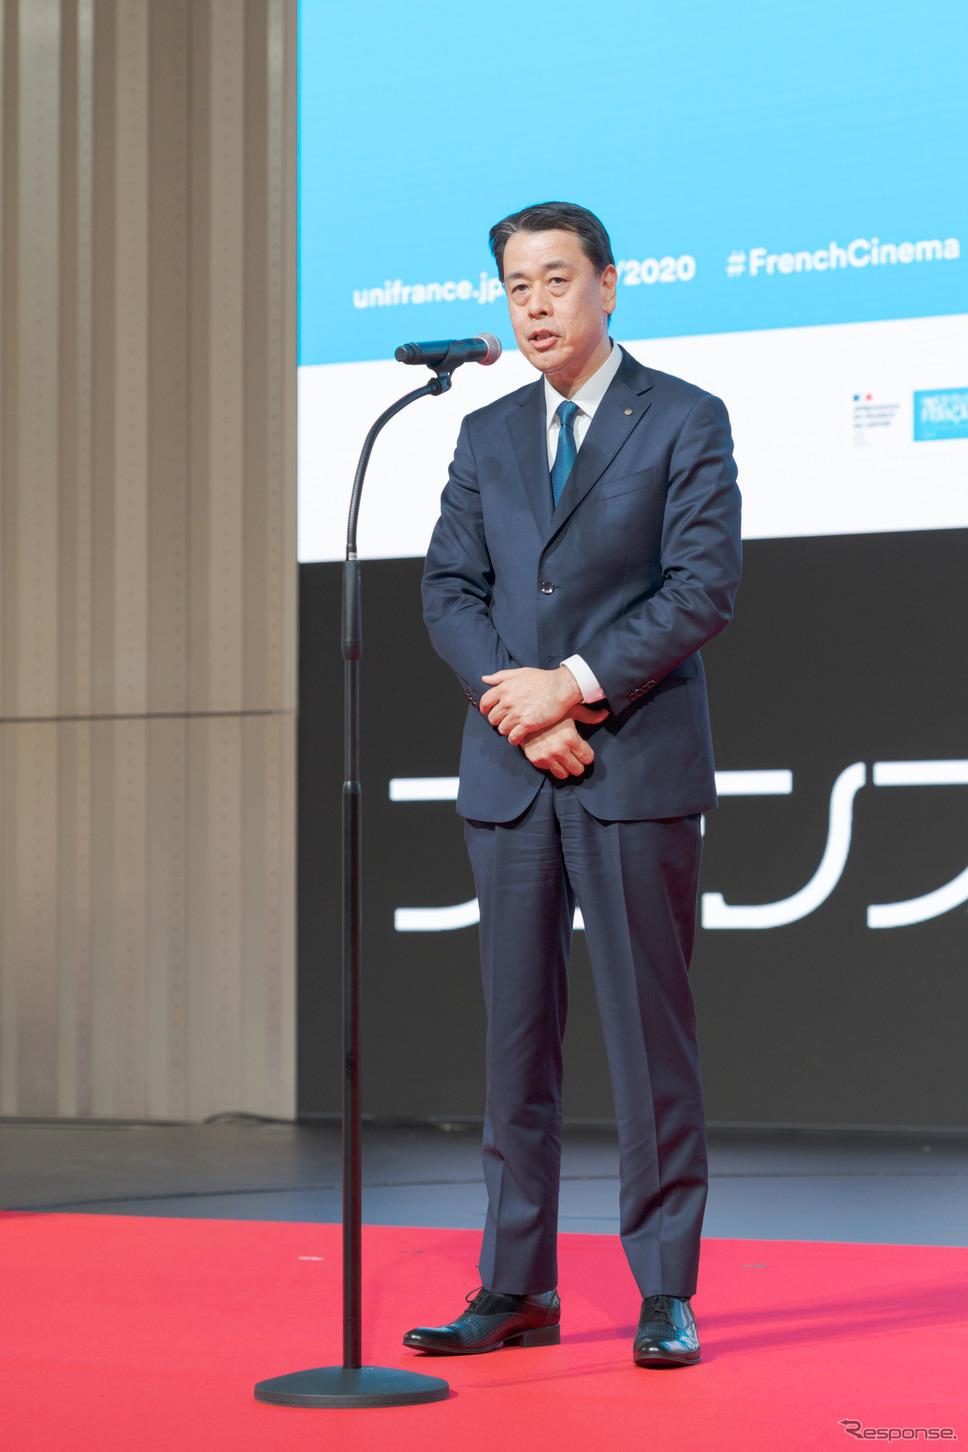 日産自動車株式会社代表執行役社長兼最高経営責任者・内田誠氏。《写真撮影 関口敬文》